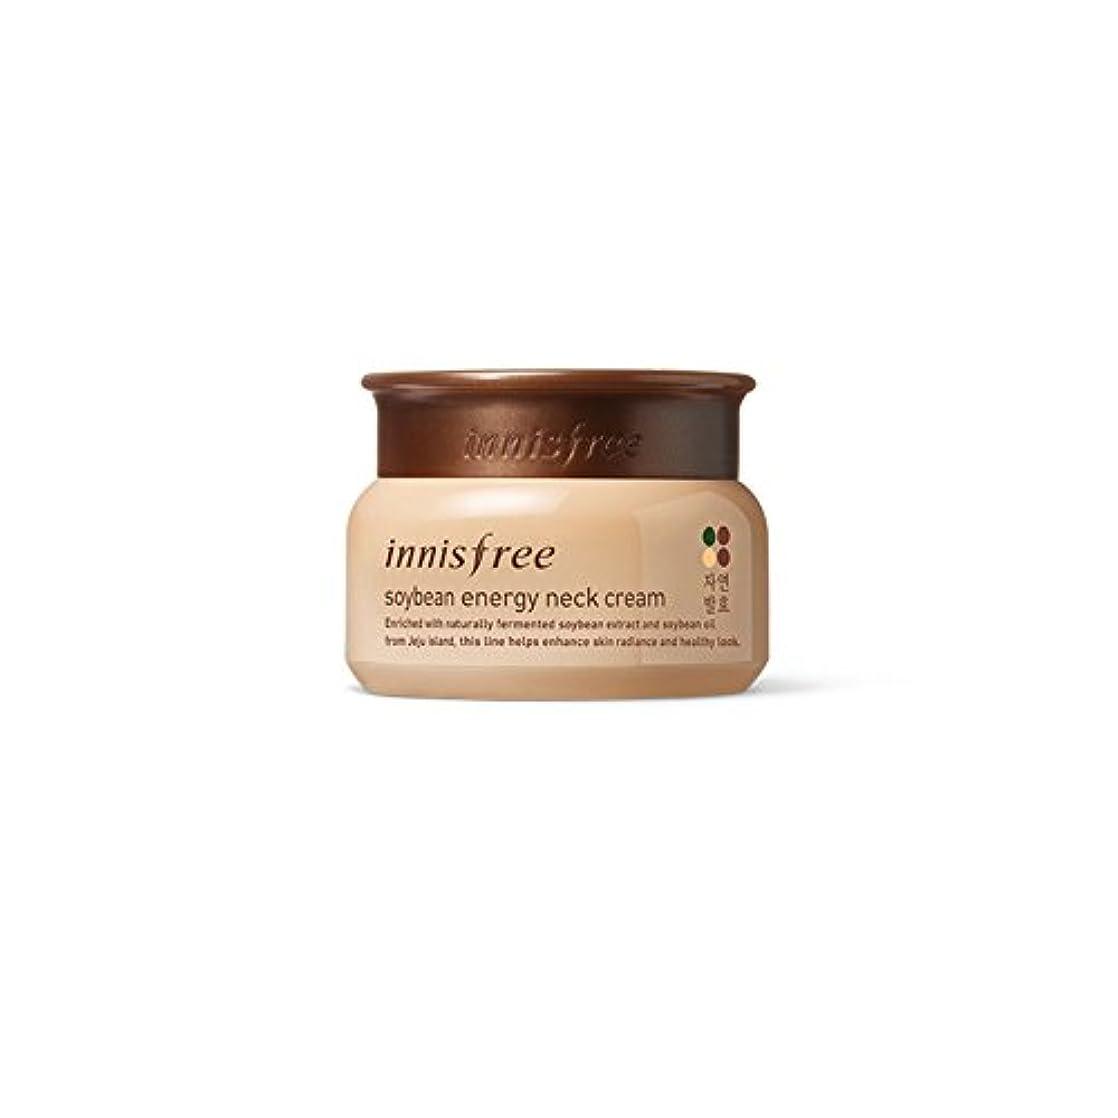 ソース侵入側[イニスフリー] Innisfree 発酵大豆エネジネッククリーム (80ml) Innisfree Soy Bean Energy Neck Cream (80ml) [海外直送品]